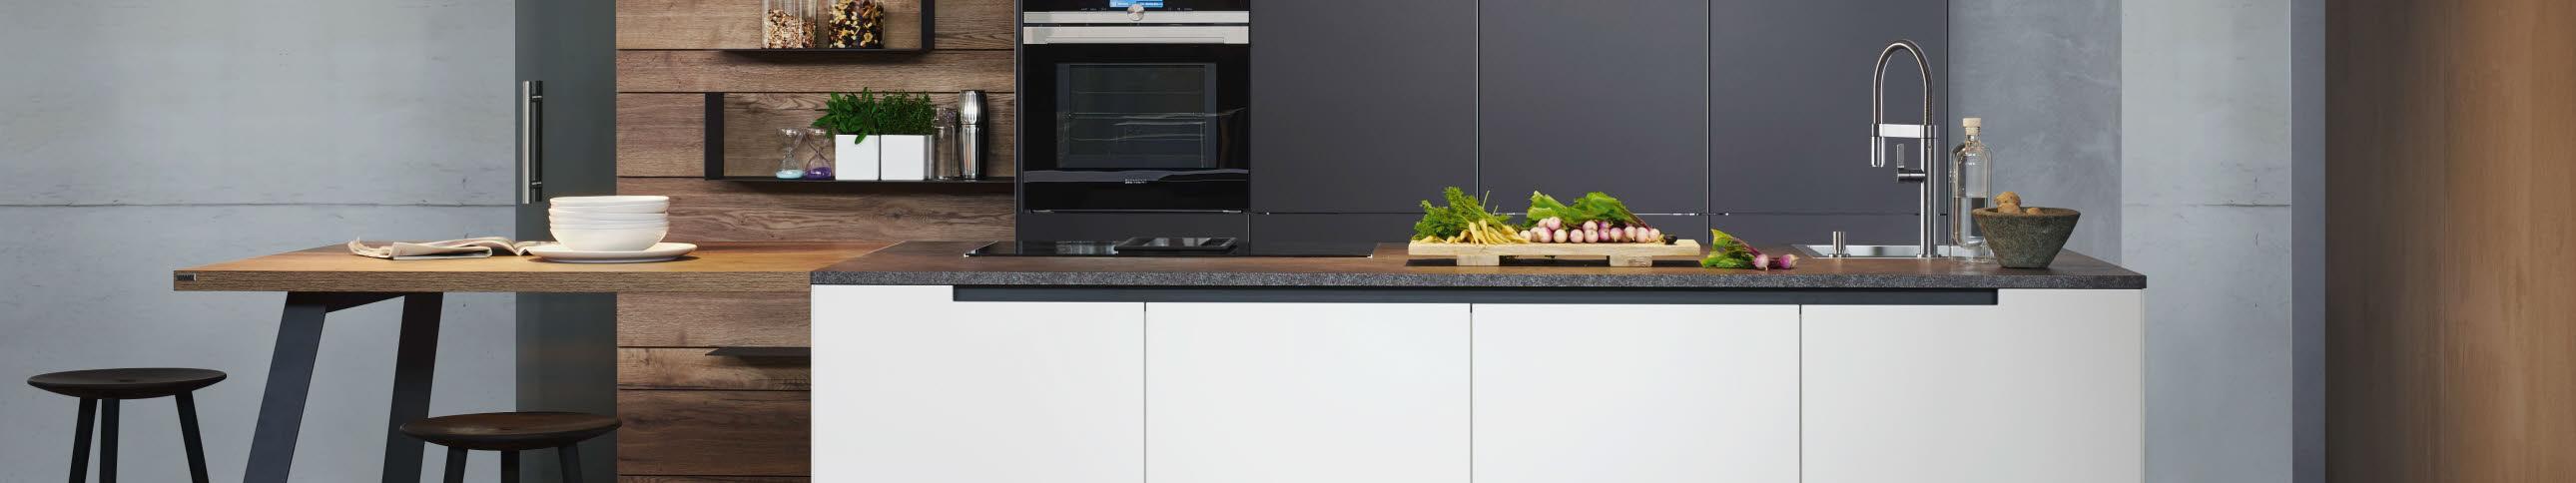 Schön Virtuelle Küche Design Kostenlos Herunterladen Bilder - Ideen ...